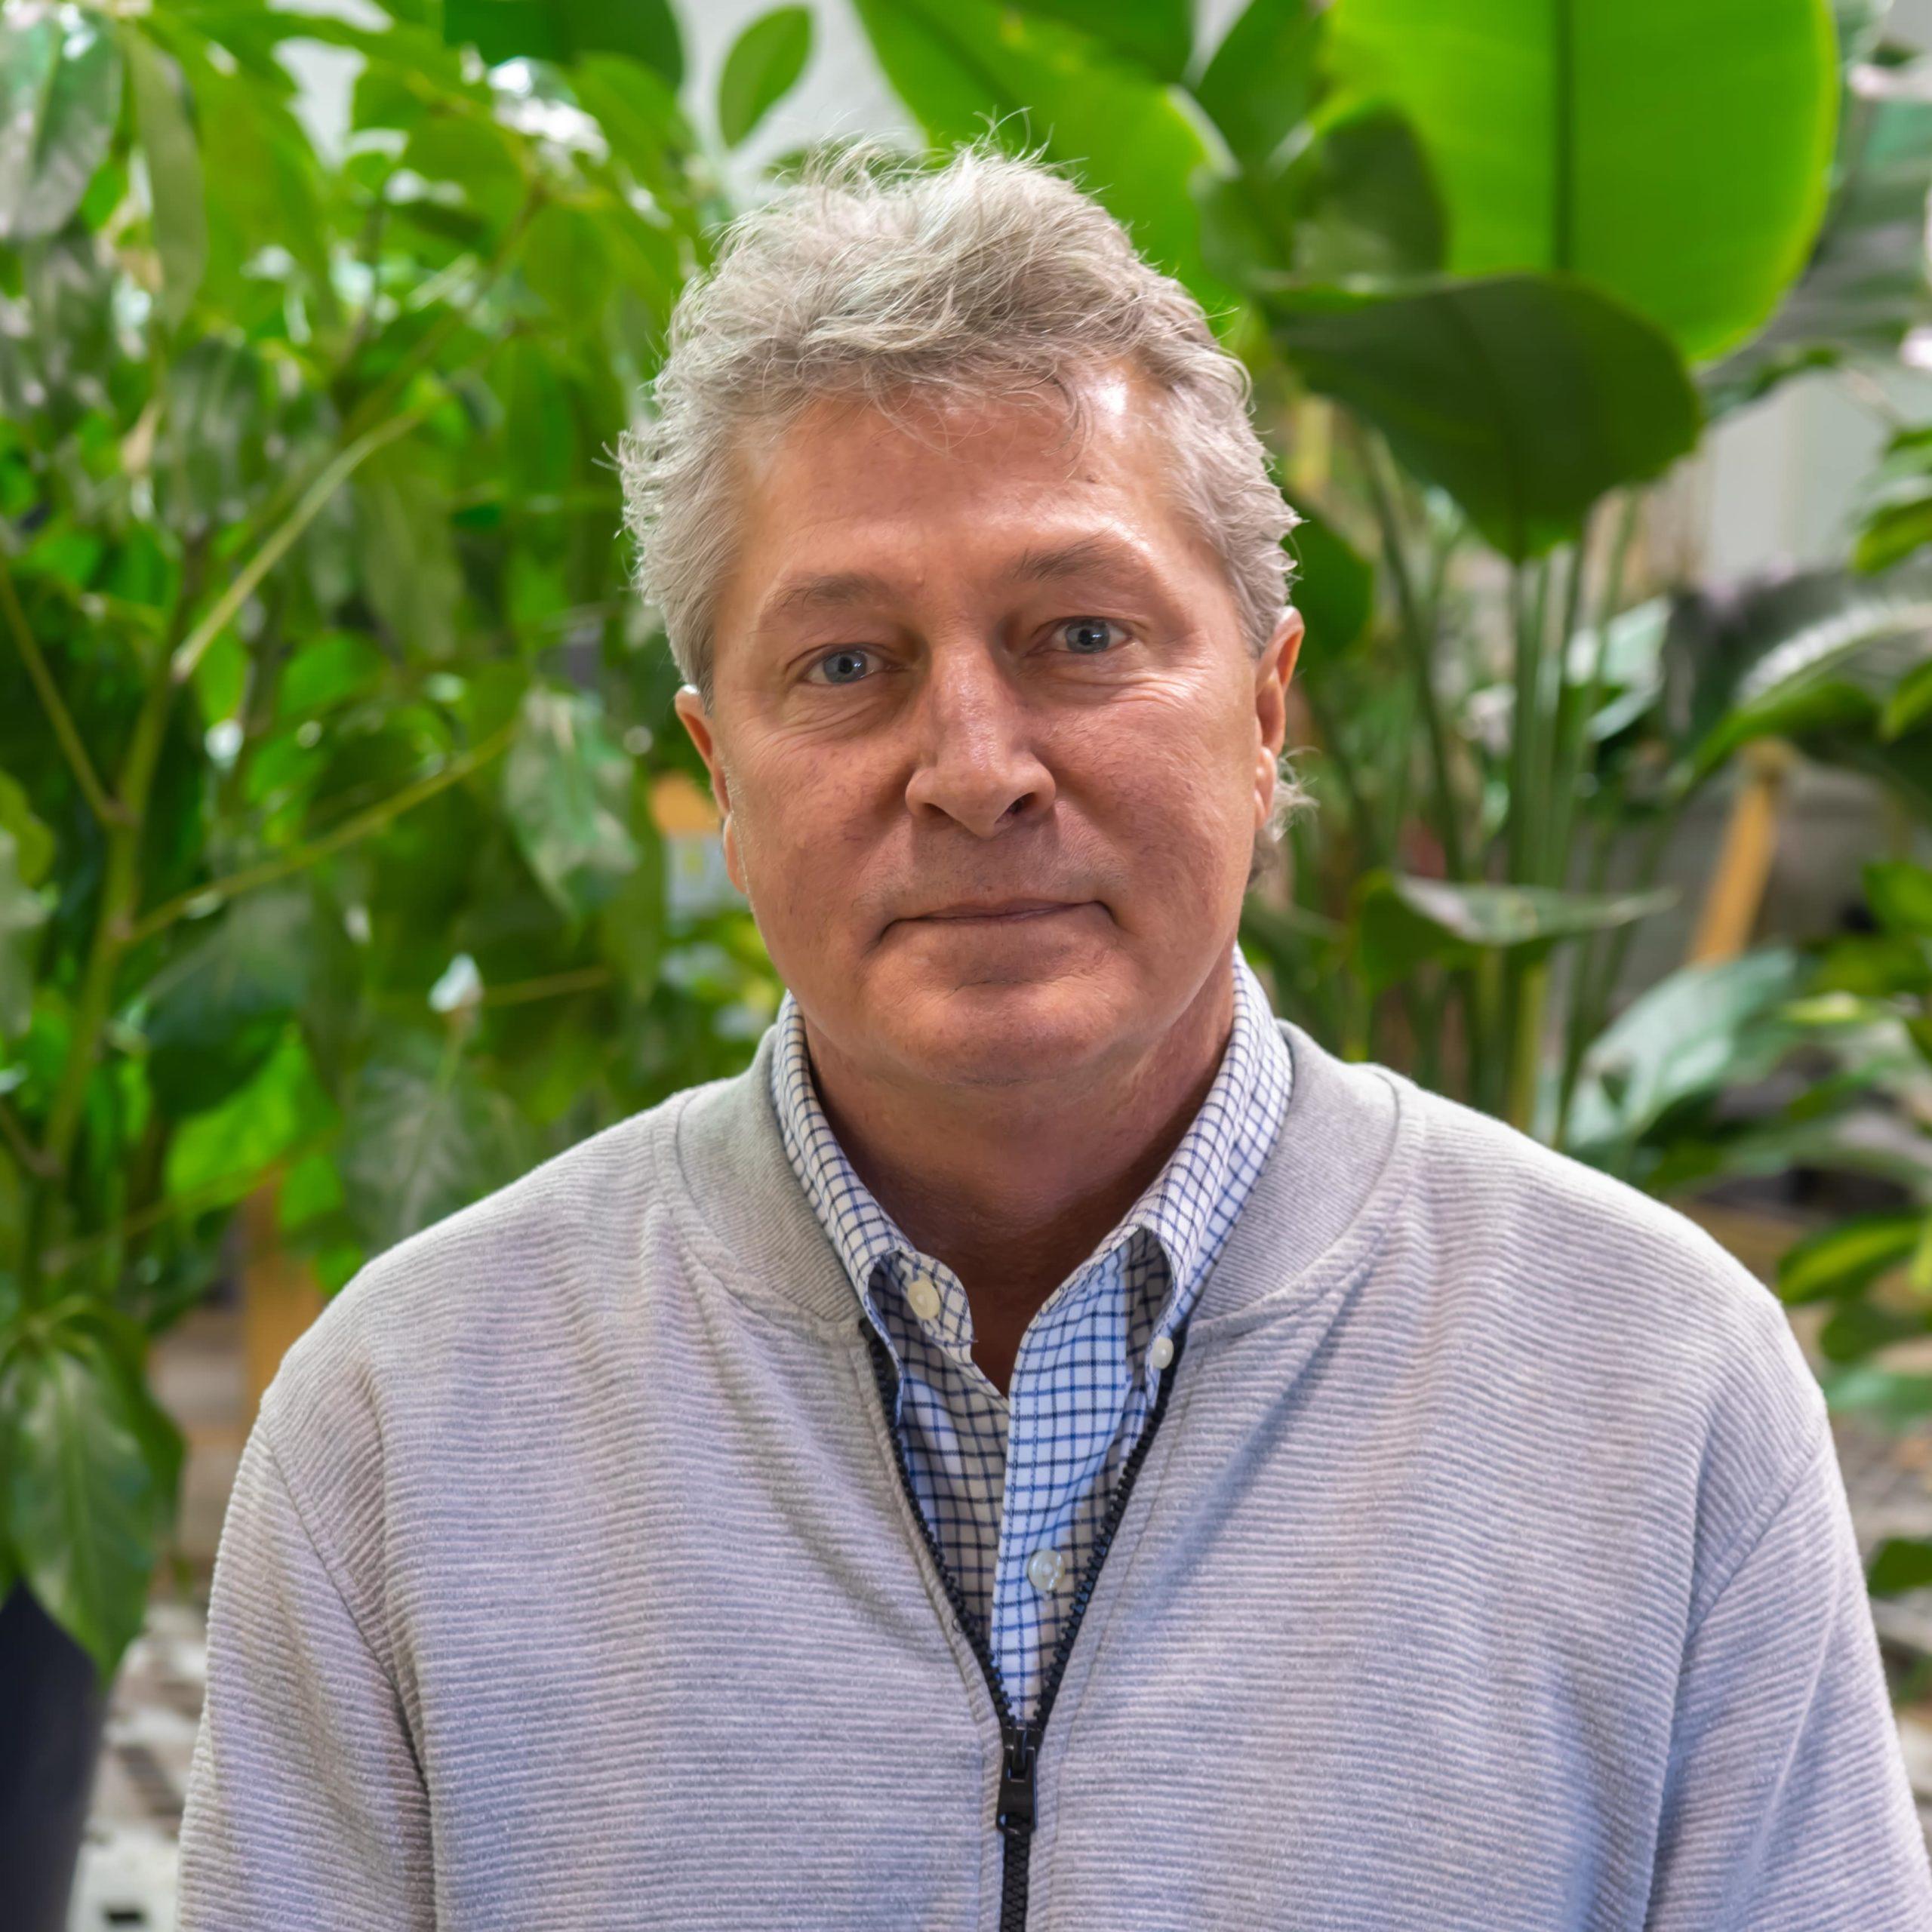 Jim Bost